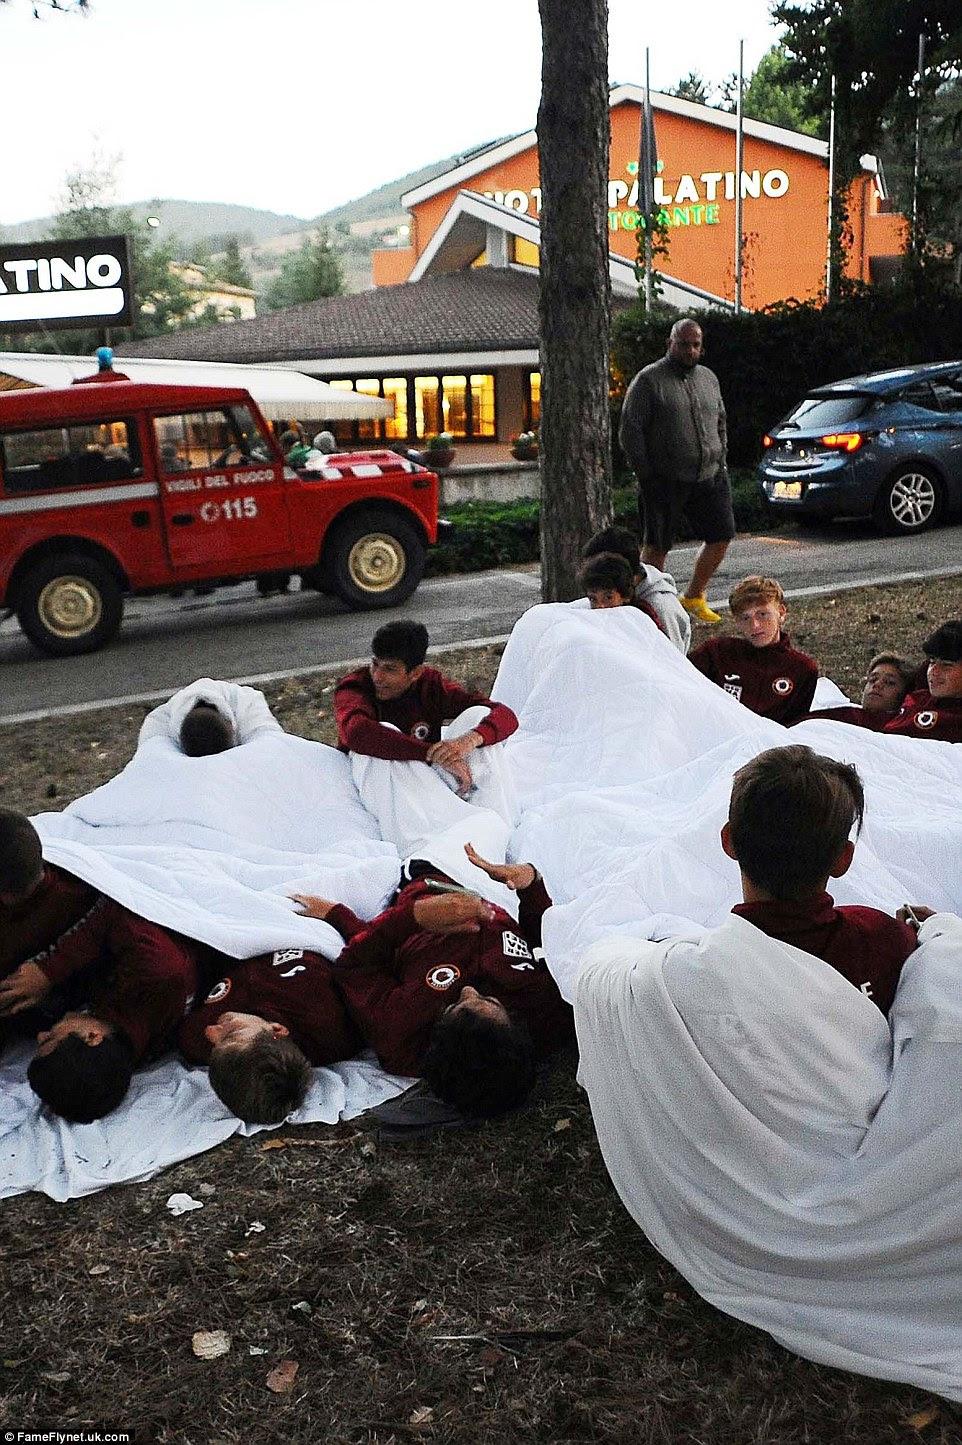 Juntos: A equipe de esportes repousa sobre o solo debaixo de cobertores brancos após a cidade de Amatrice foi atingido